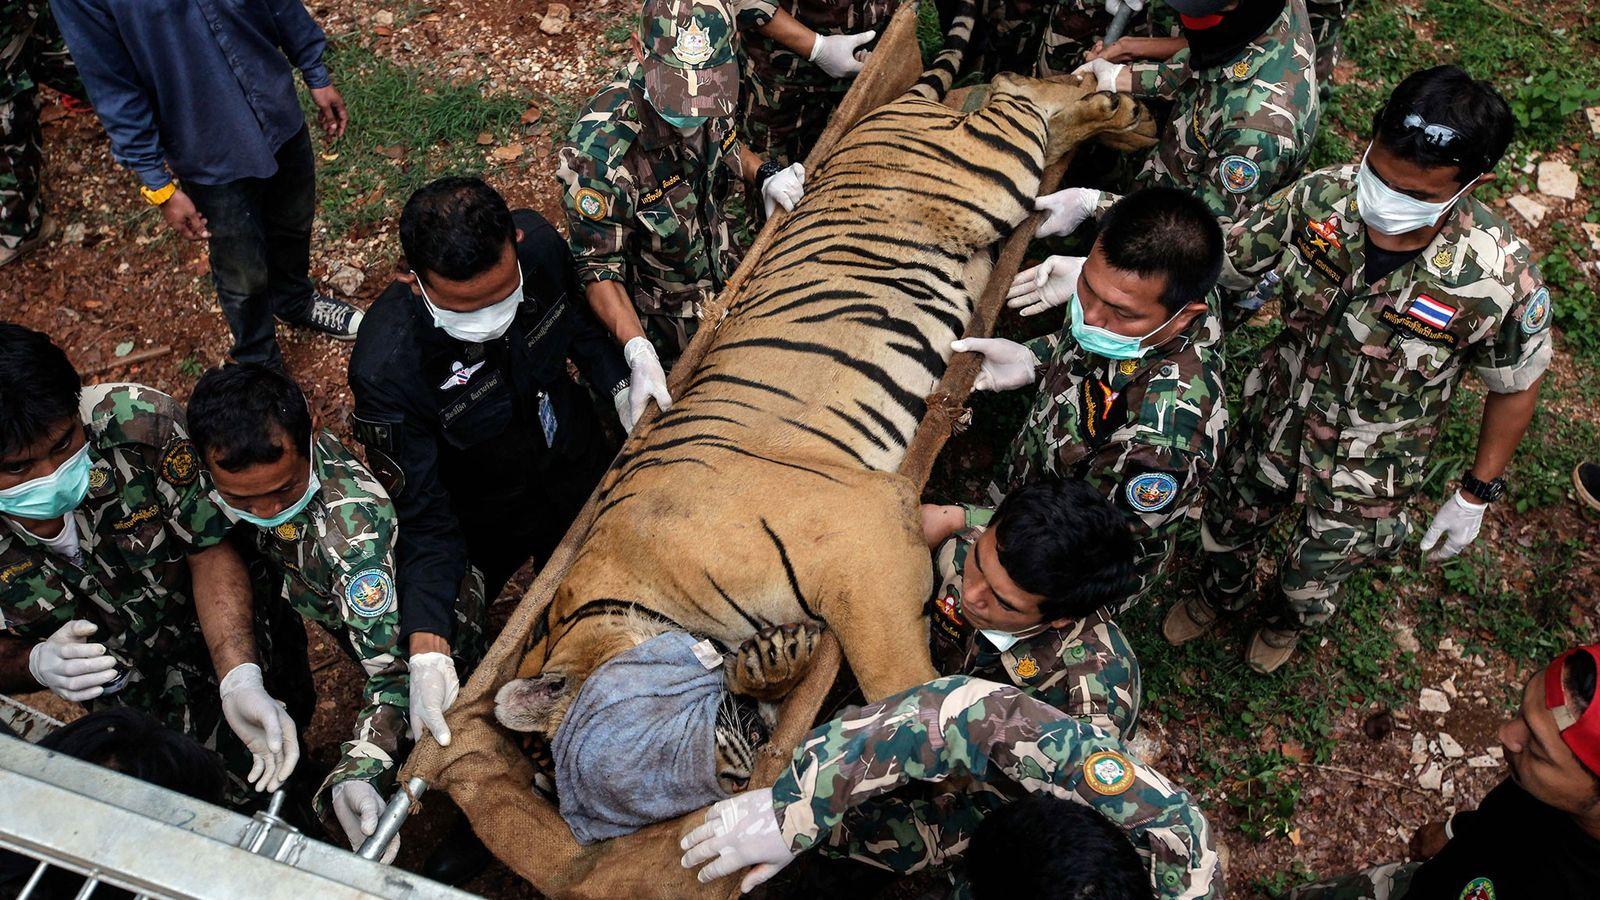 En 2016, 147 tigres ont été saisis lors d'une opération gouvernementale dans le Temple des Tigres ...